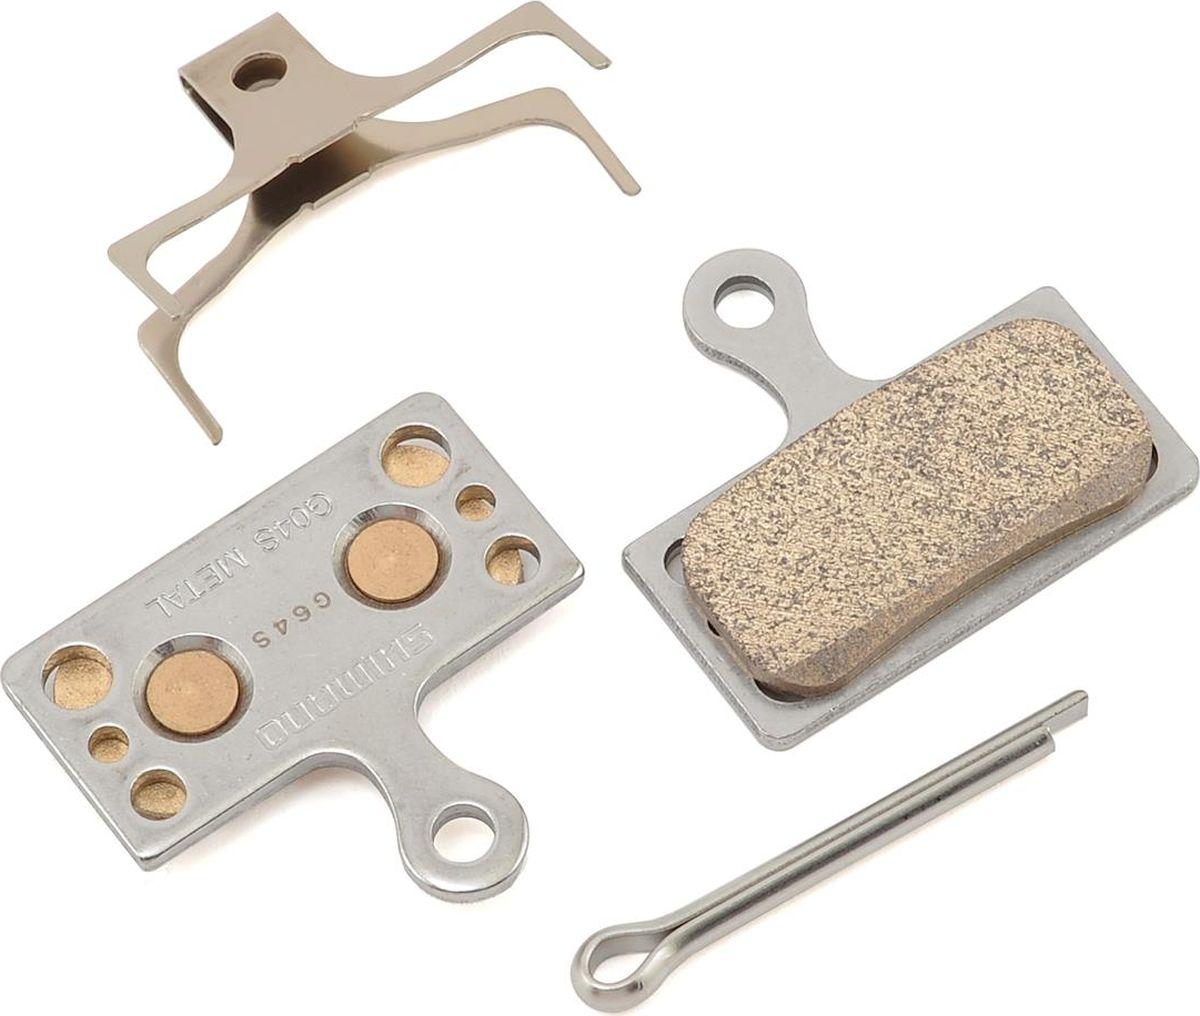 Тормозные колодки Shimano G04S, для дисковых тормозов, с шплинтом тормозные колодки для велосипеда shimano для дискового тормоза m07ti пара пластик y8e598020